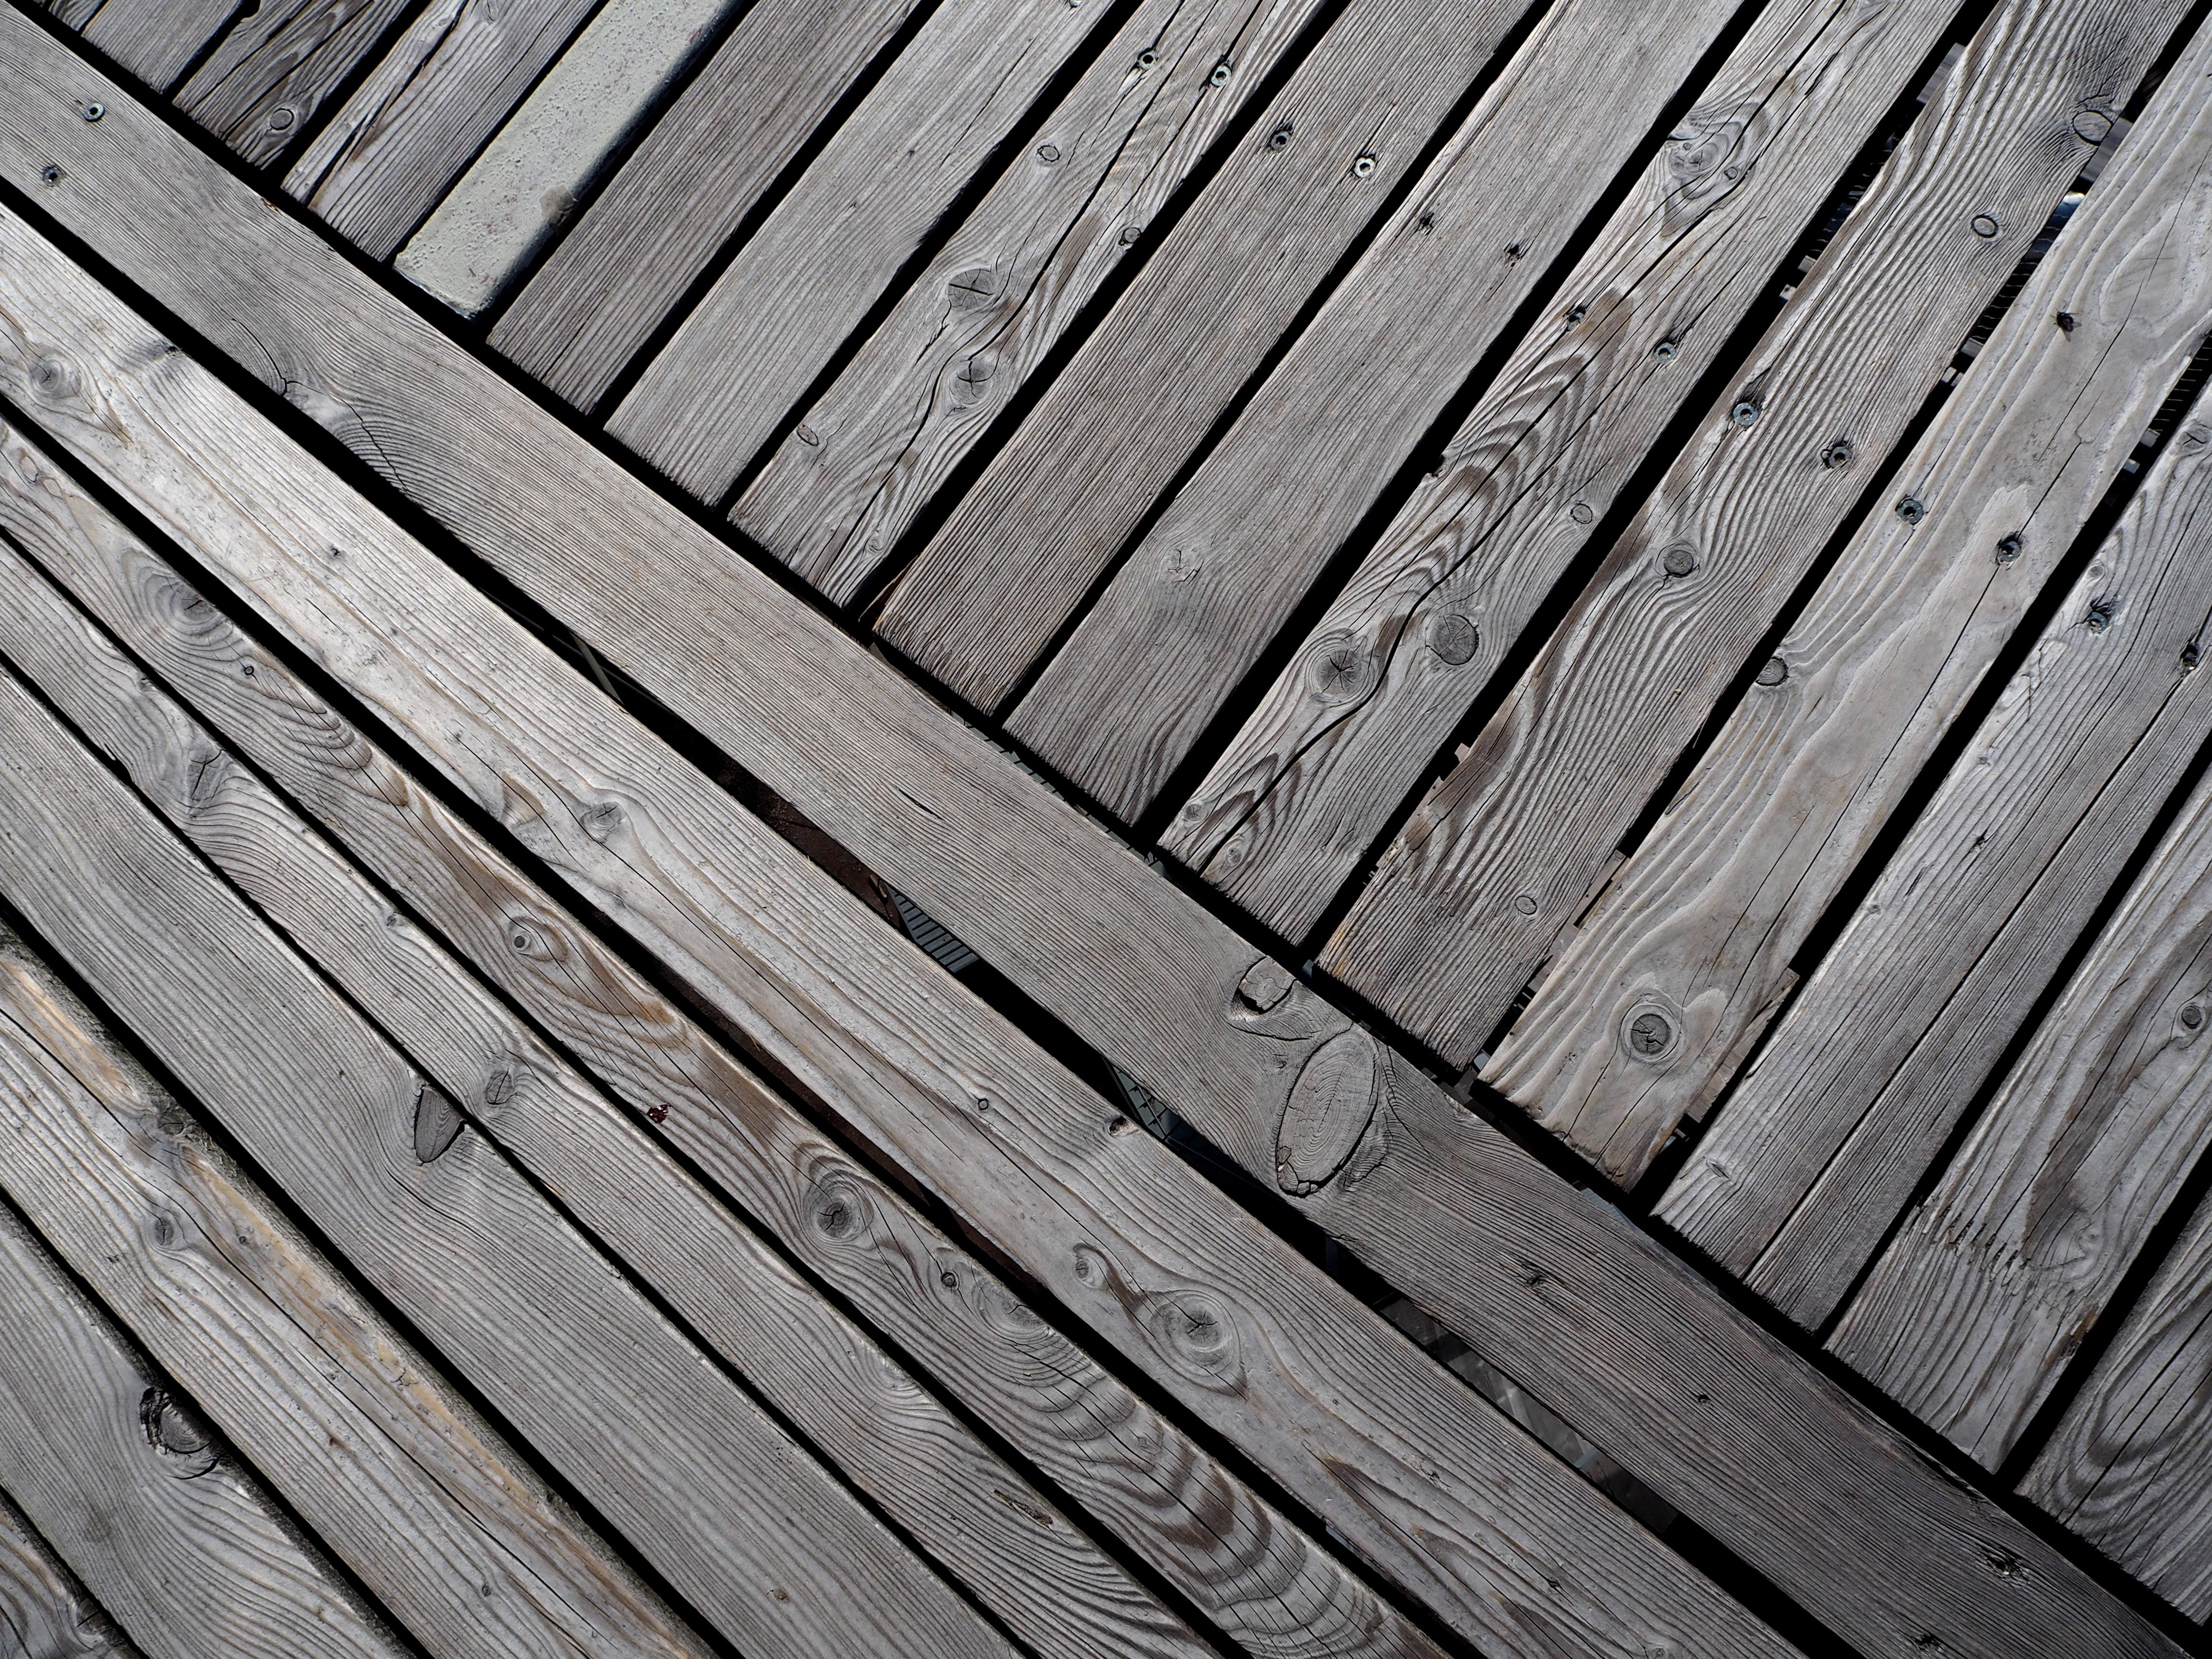 106808 Salvapantallas y fondos de pantalla Texturas en tu teléfono. Descarga imágenes de Texturas, Textura, Madera, De Madera, Tablones, Tabla, Superficie gratis